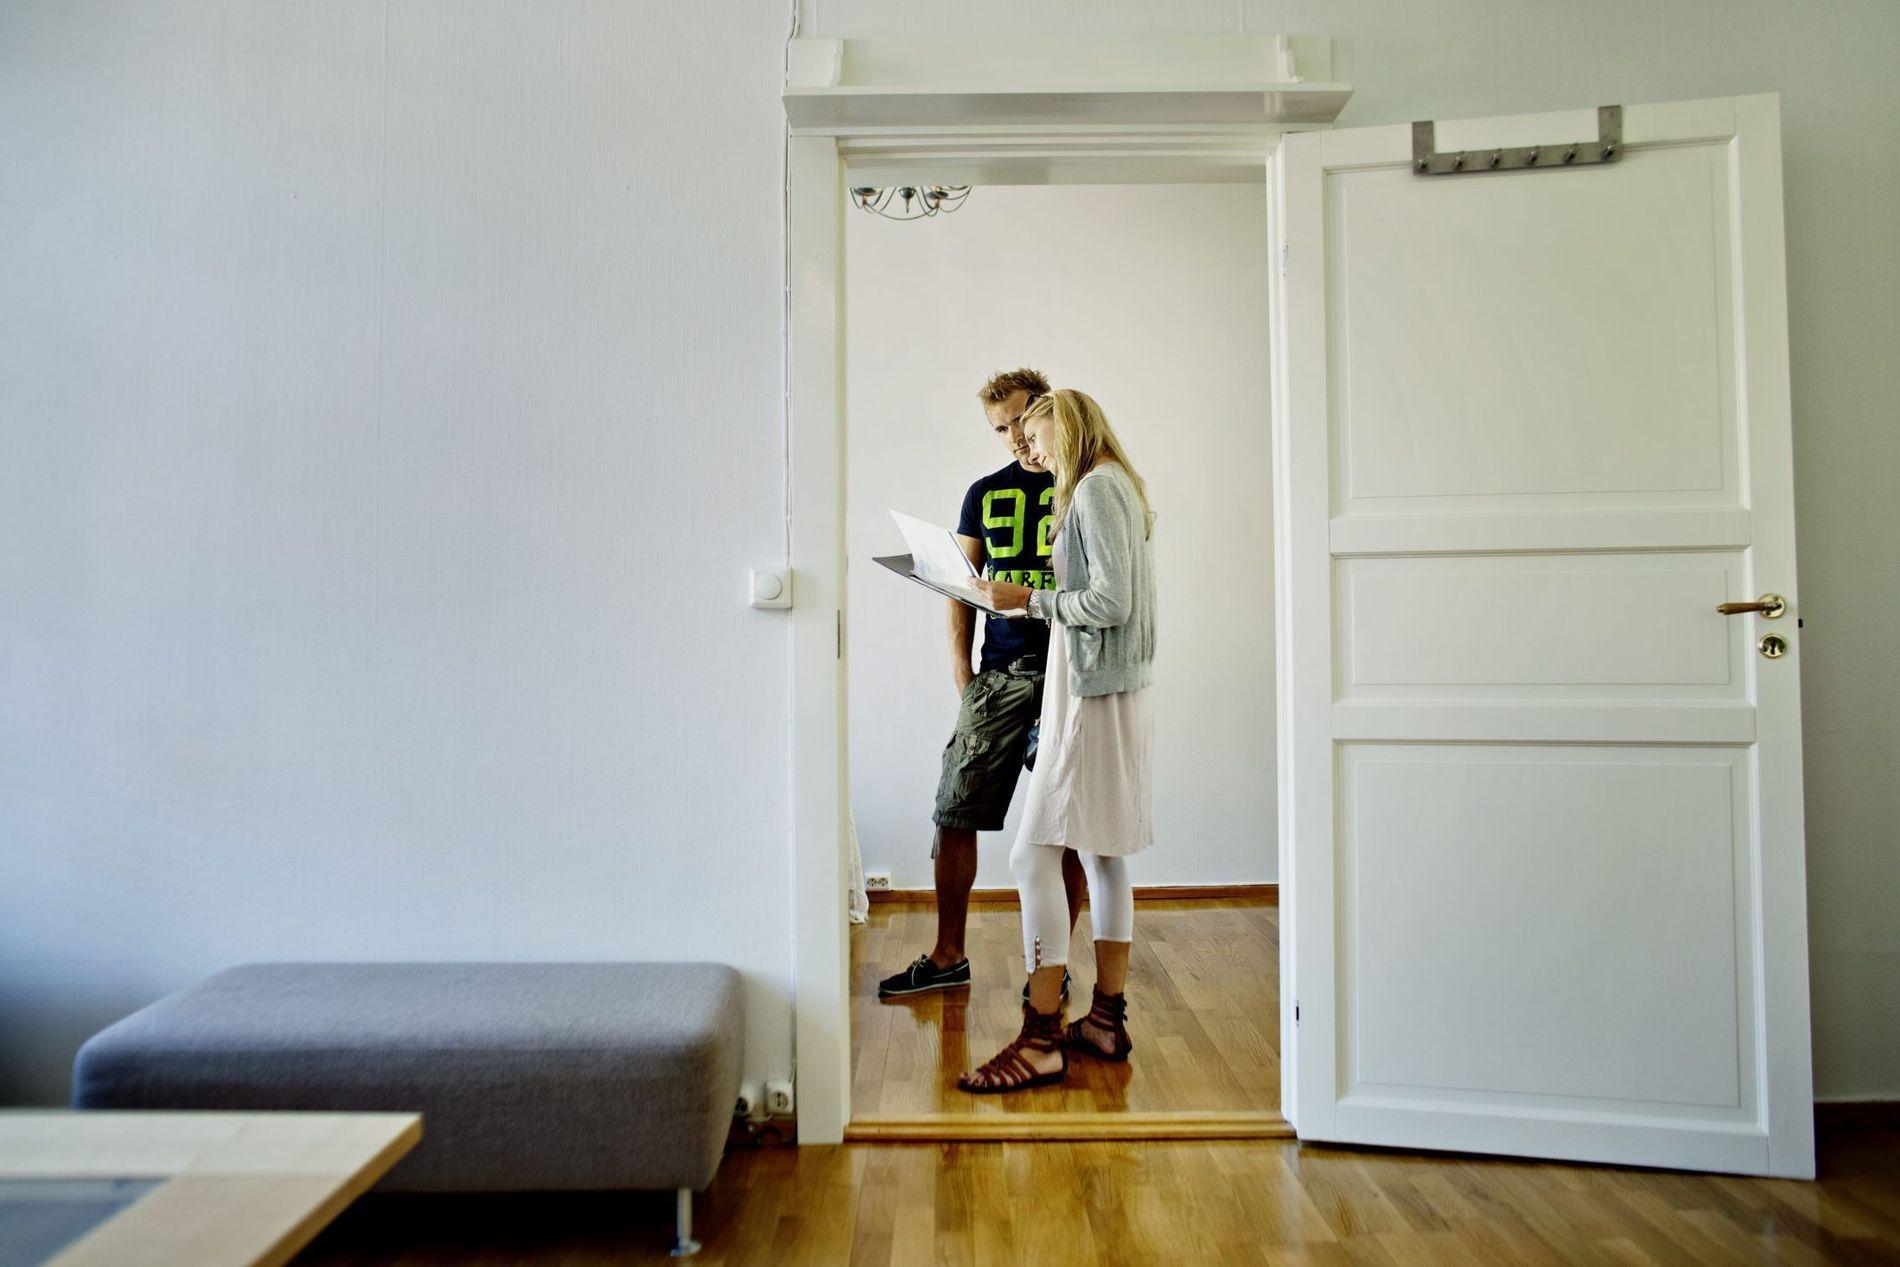 MISFORNØYD I ETTERKANT: Ofte flere år etter boligen er kjøpt kan man få seg en ubehagelig overraskelse, hvis ikke man tar seg god nok tid til å undersøke boligens stand i forkant av kjøpet.